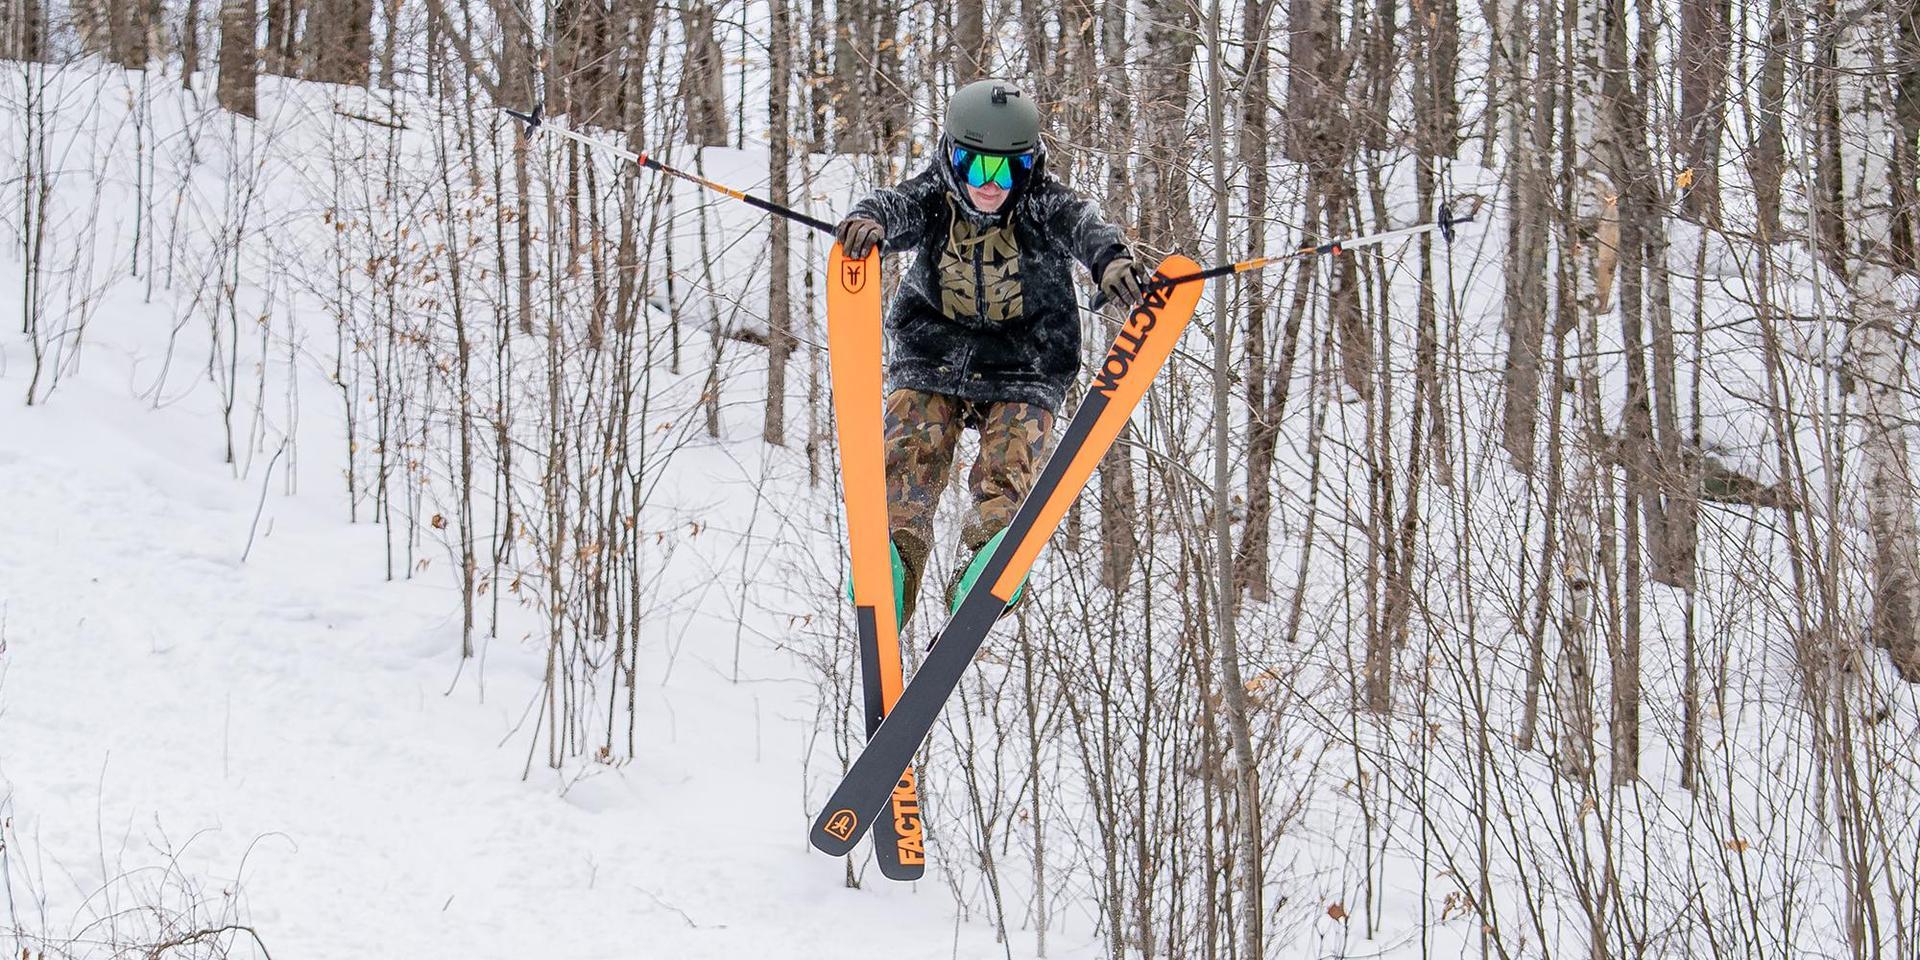 A freestyle skier making a big air jump.